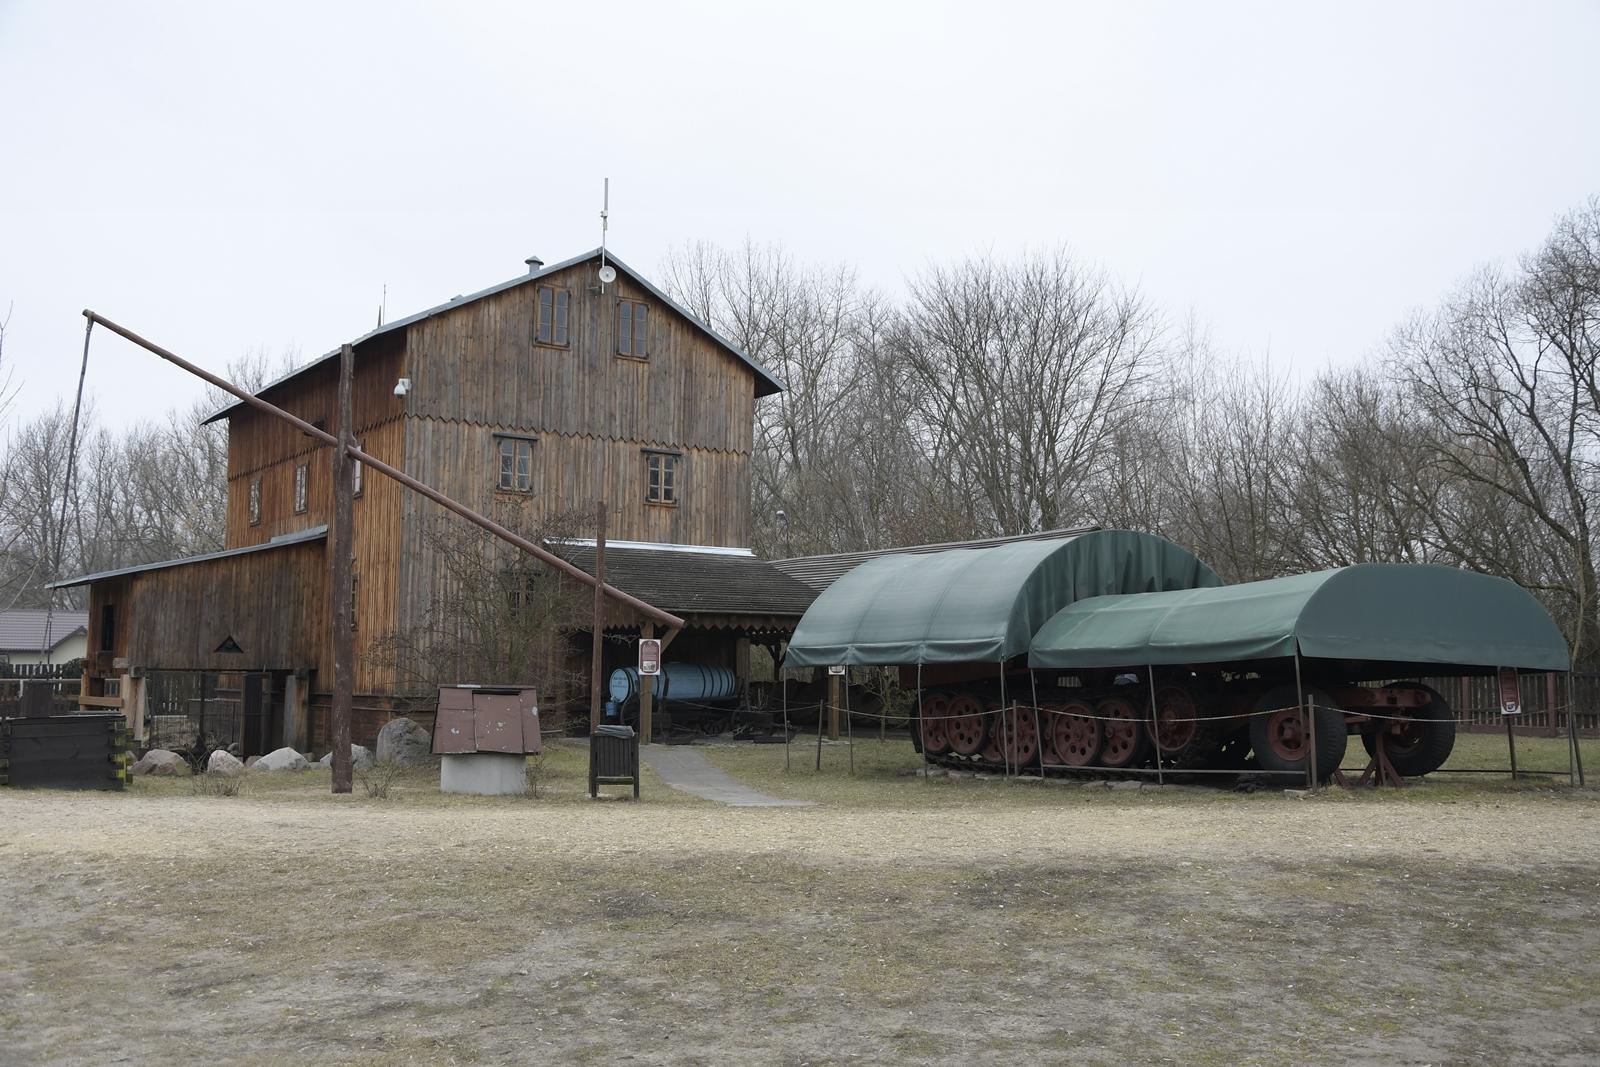 atrakcje w okolicy tomaszowa mazowieckiego